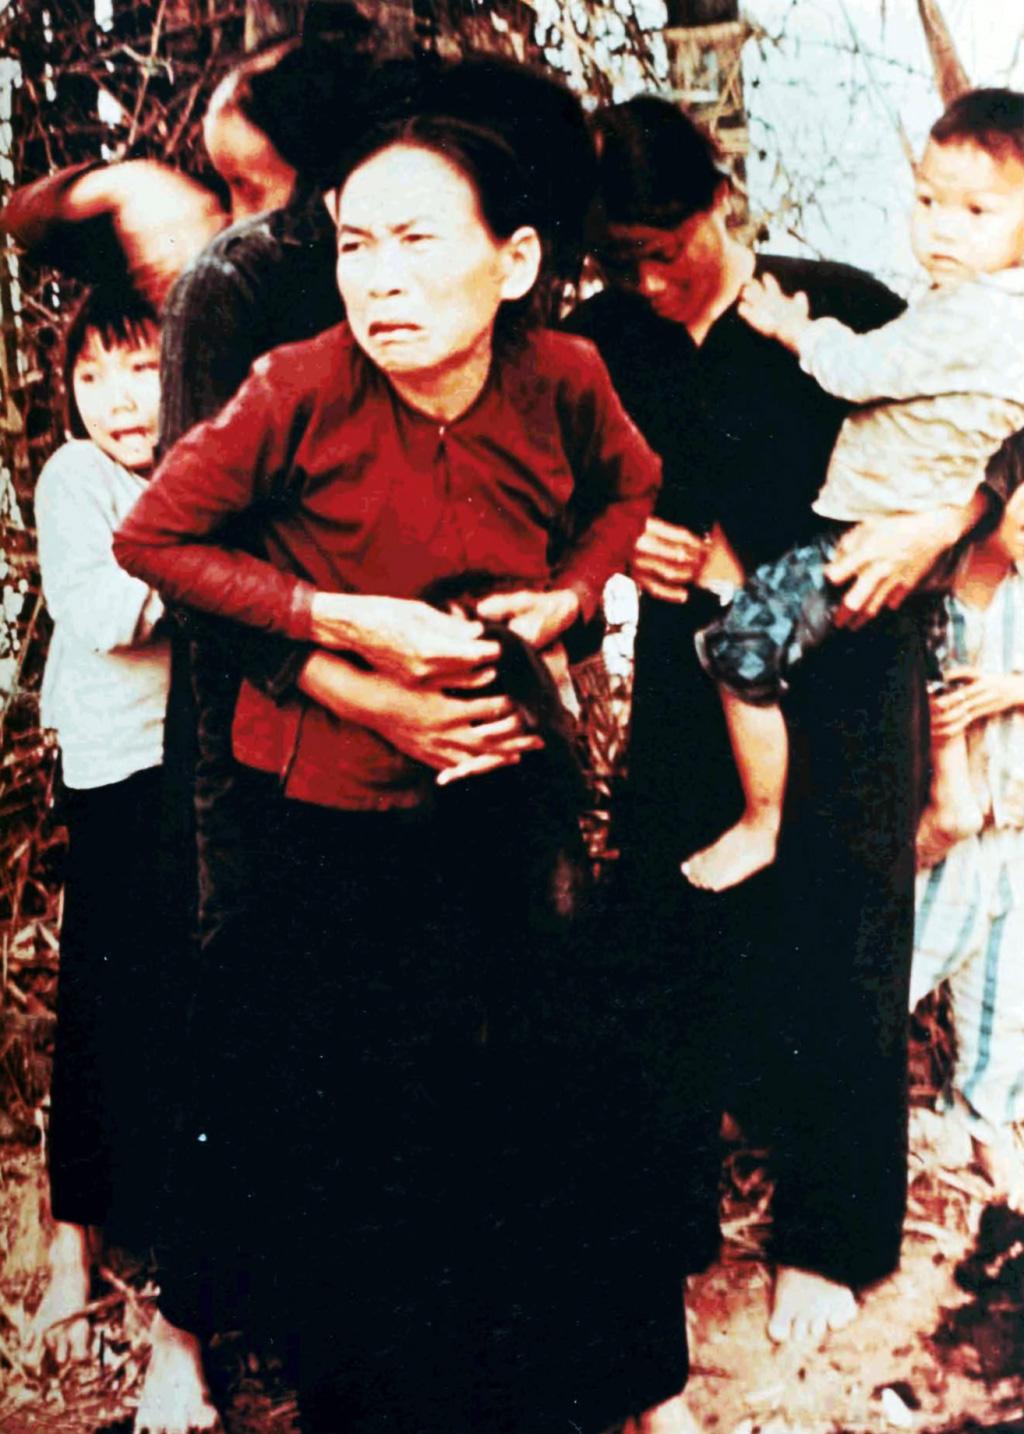 这张照片拍摄完之后,照片中的妇孺立刻死于枪口下。